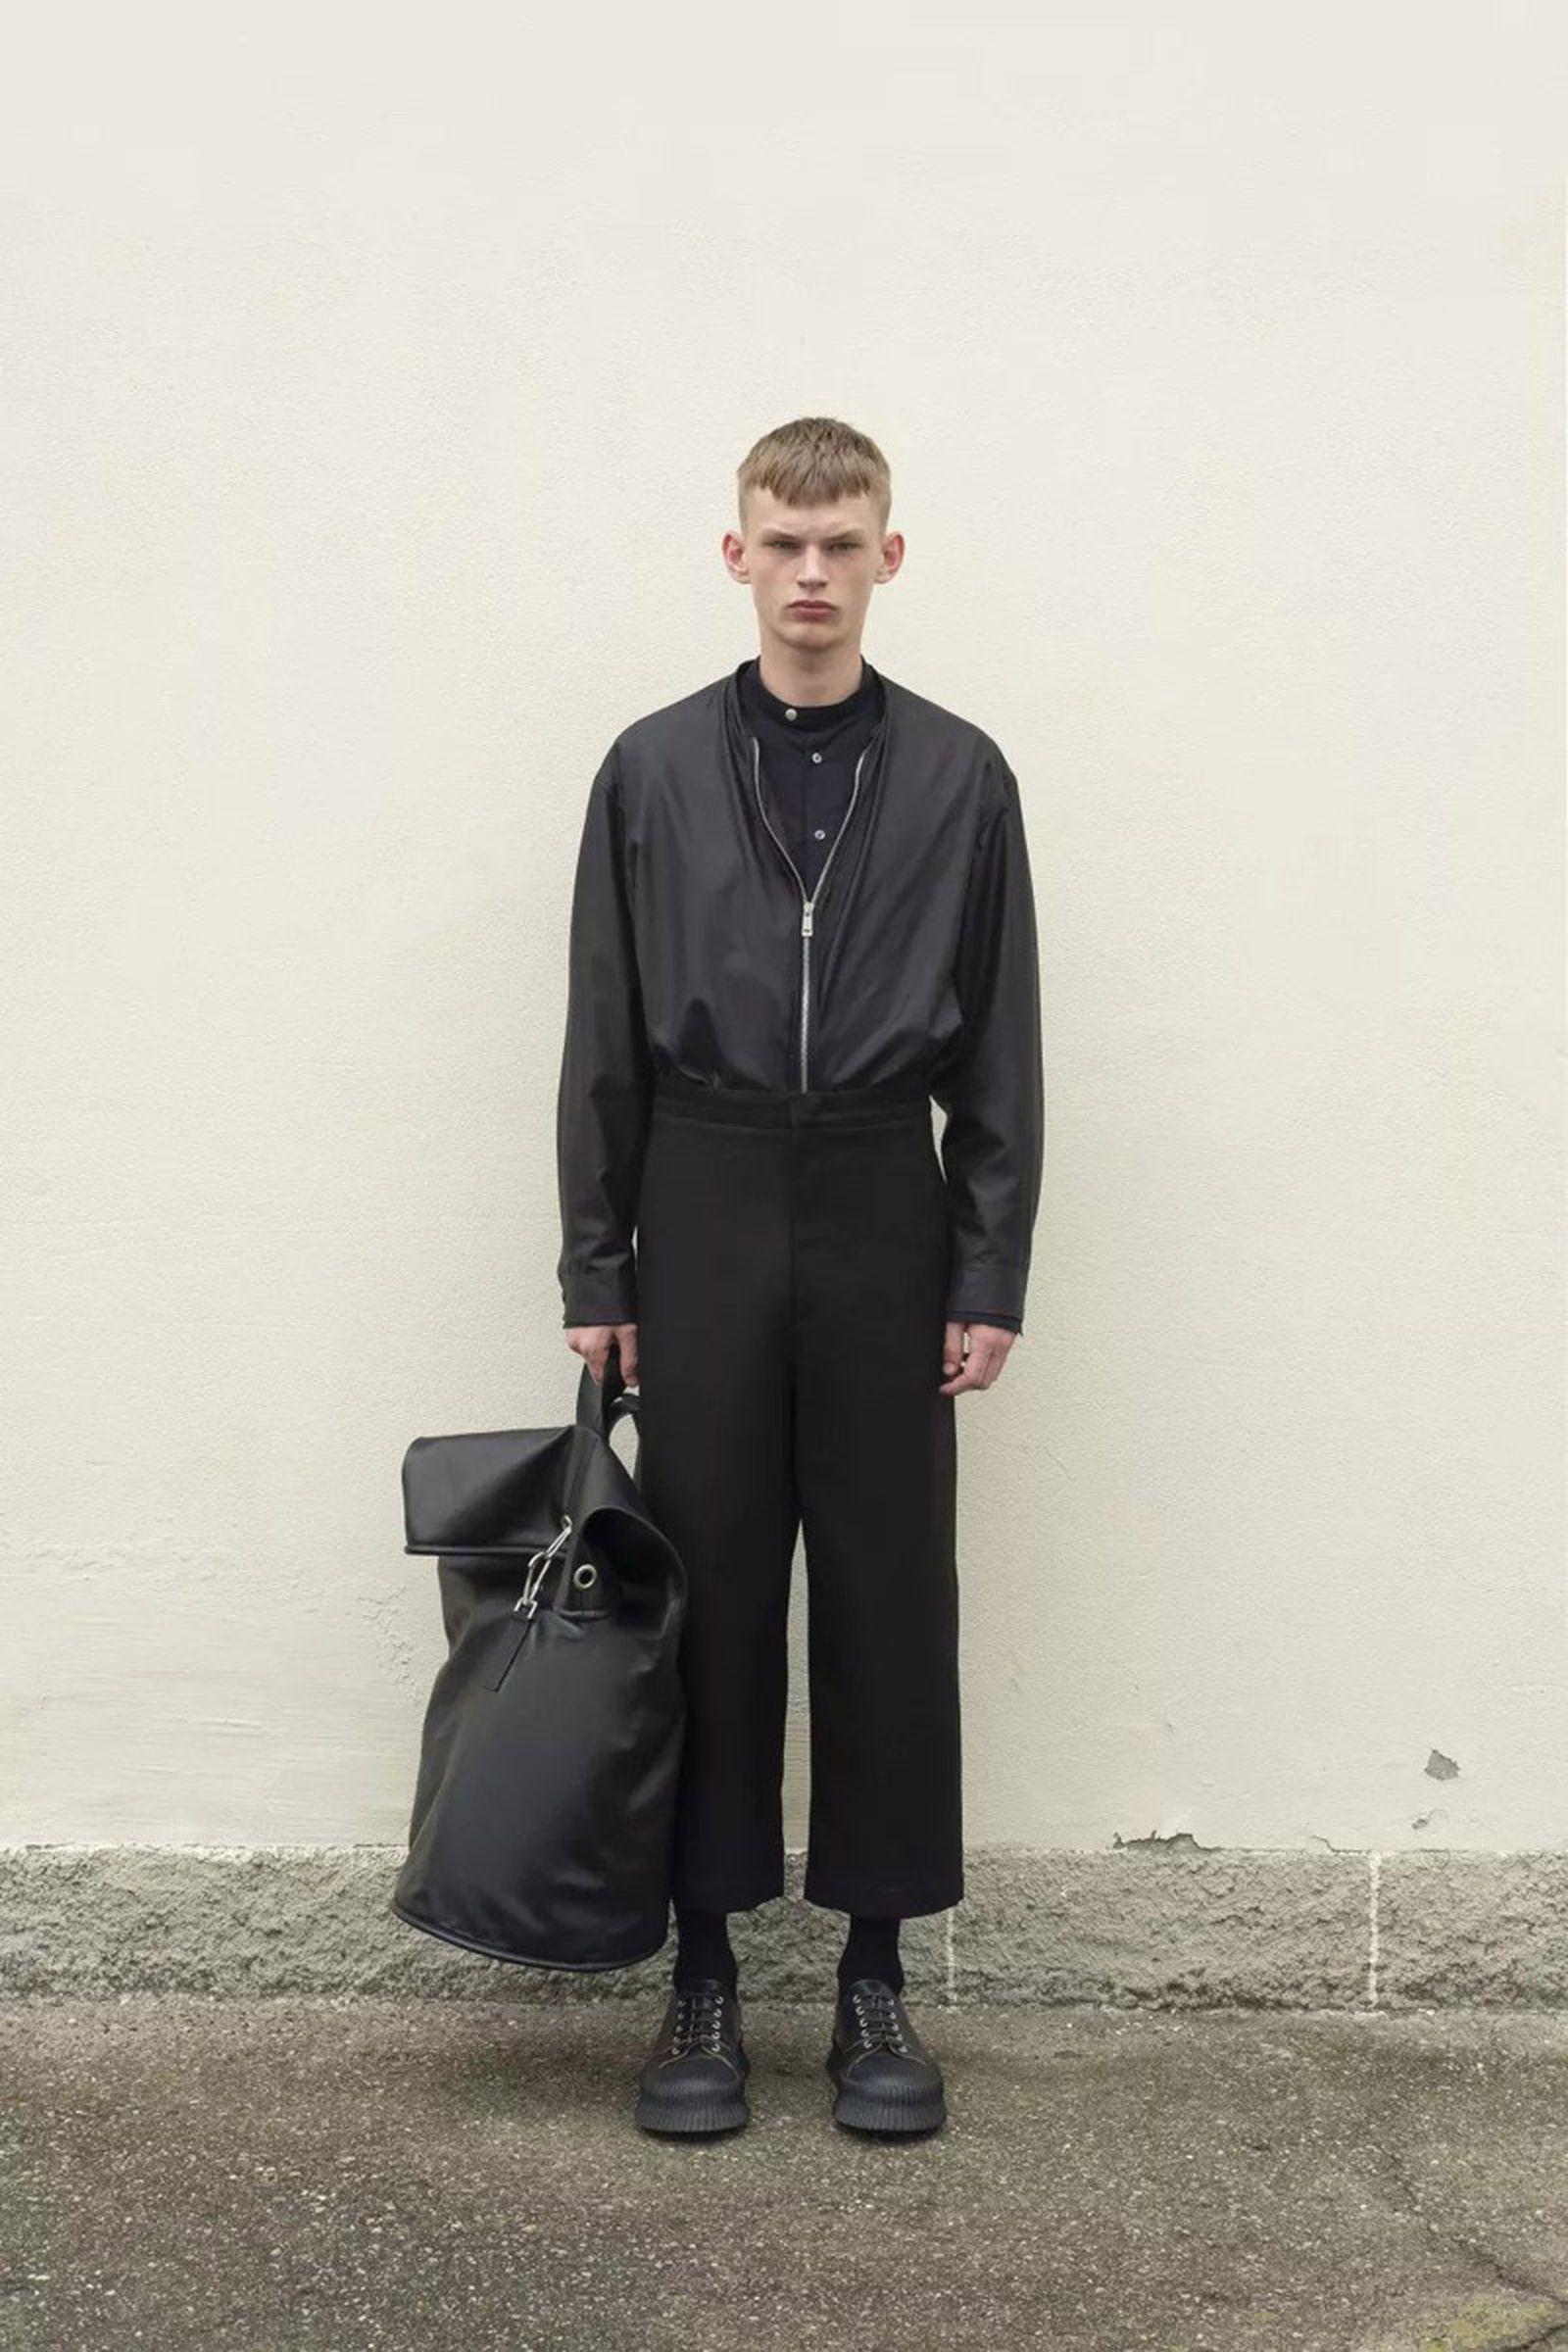 german clothing brands jil sander german clothing brands jil sander2 023c Adidas Boulezar